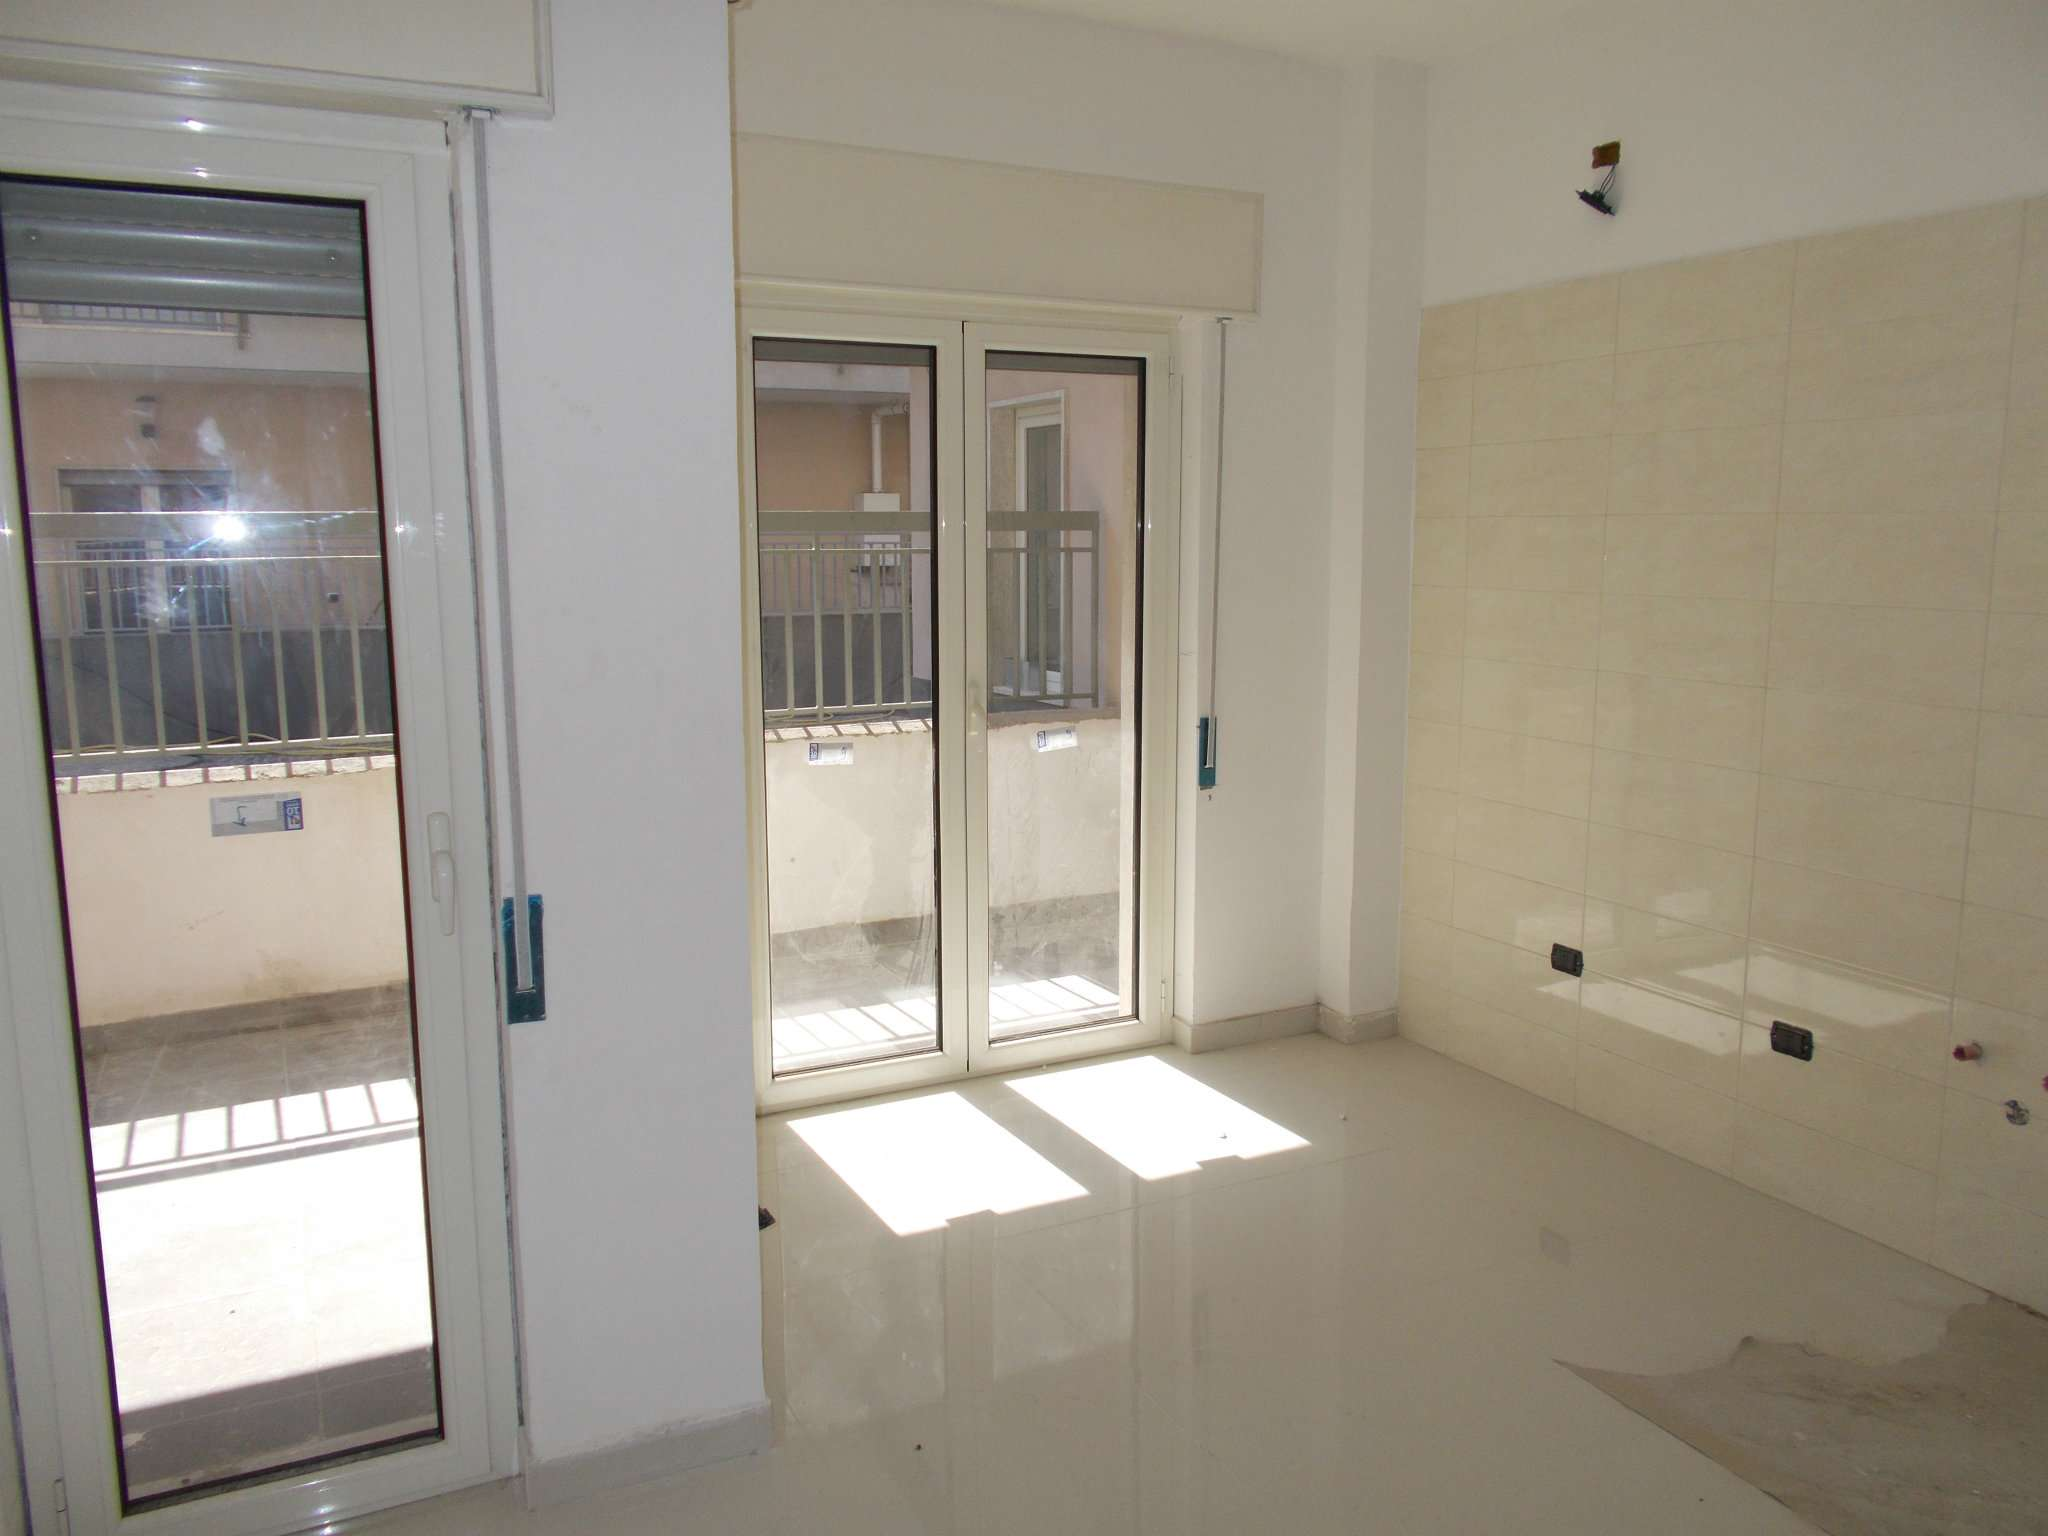 Appartamento in vendita a Santa Maria a Vico, 5 locali, prezzo € 125.000 | CambioCasa.it